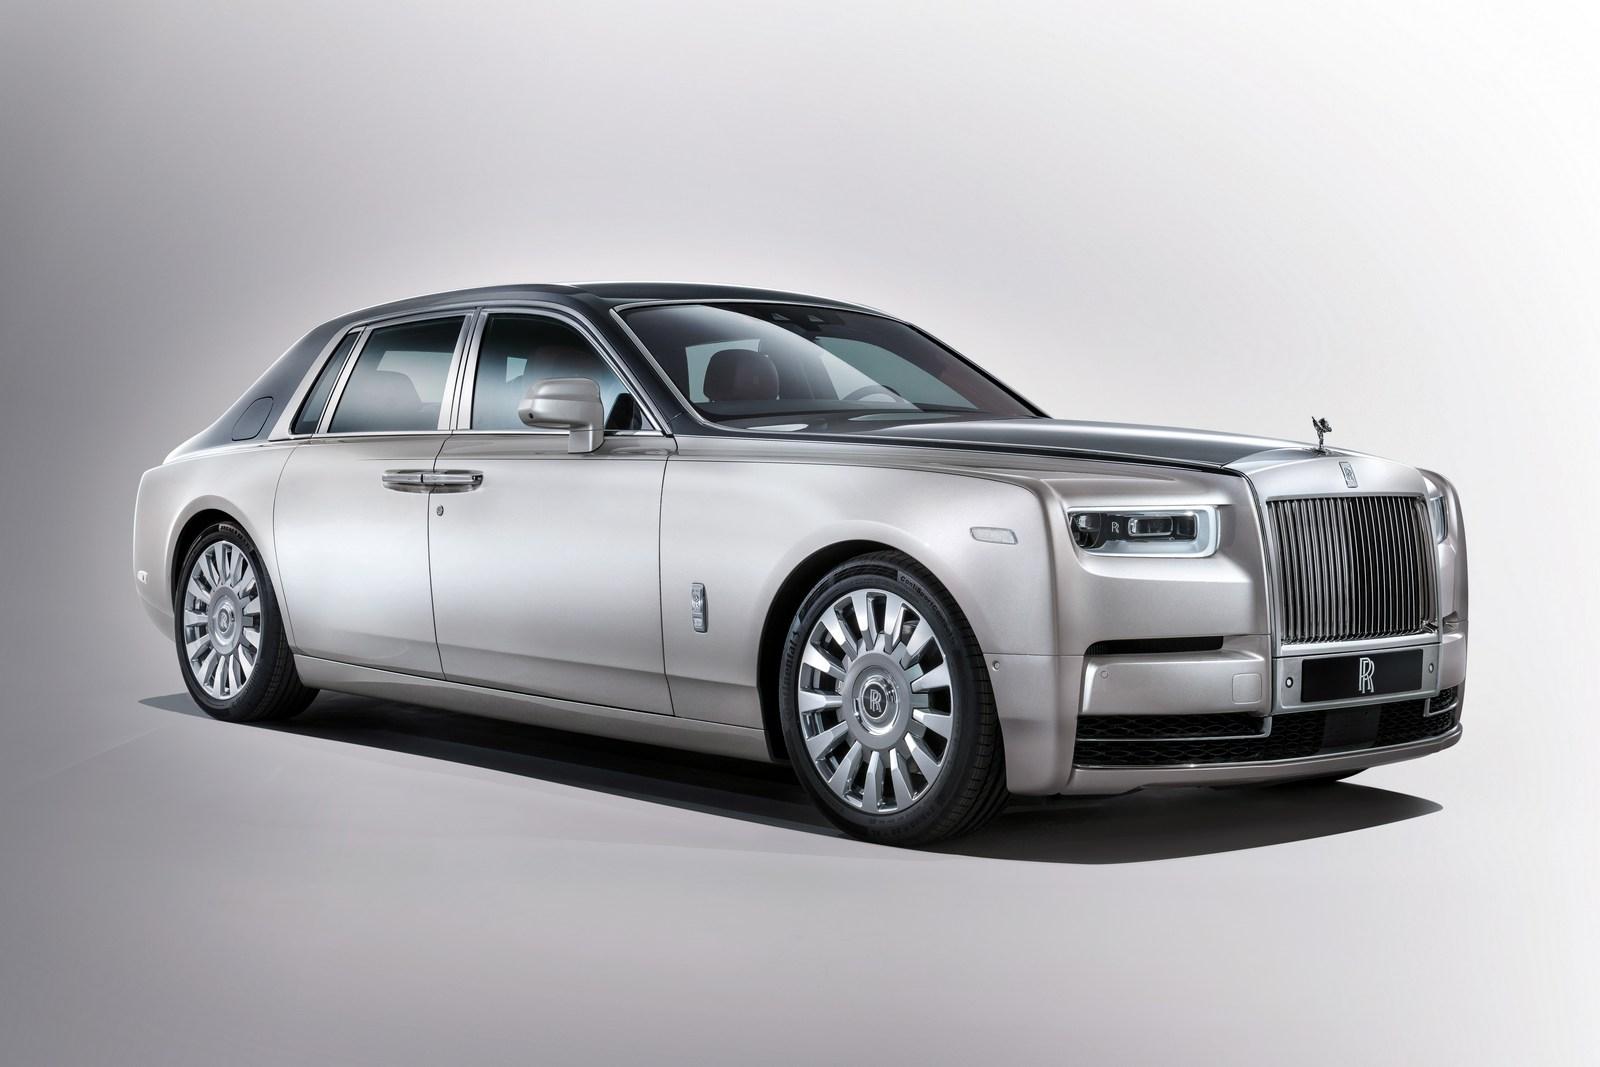 Novo Rolls Royce Phantom A Cara Remodelada Da Riqueza Quatro Rodas